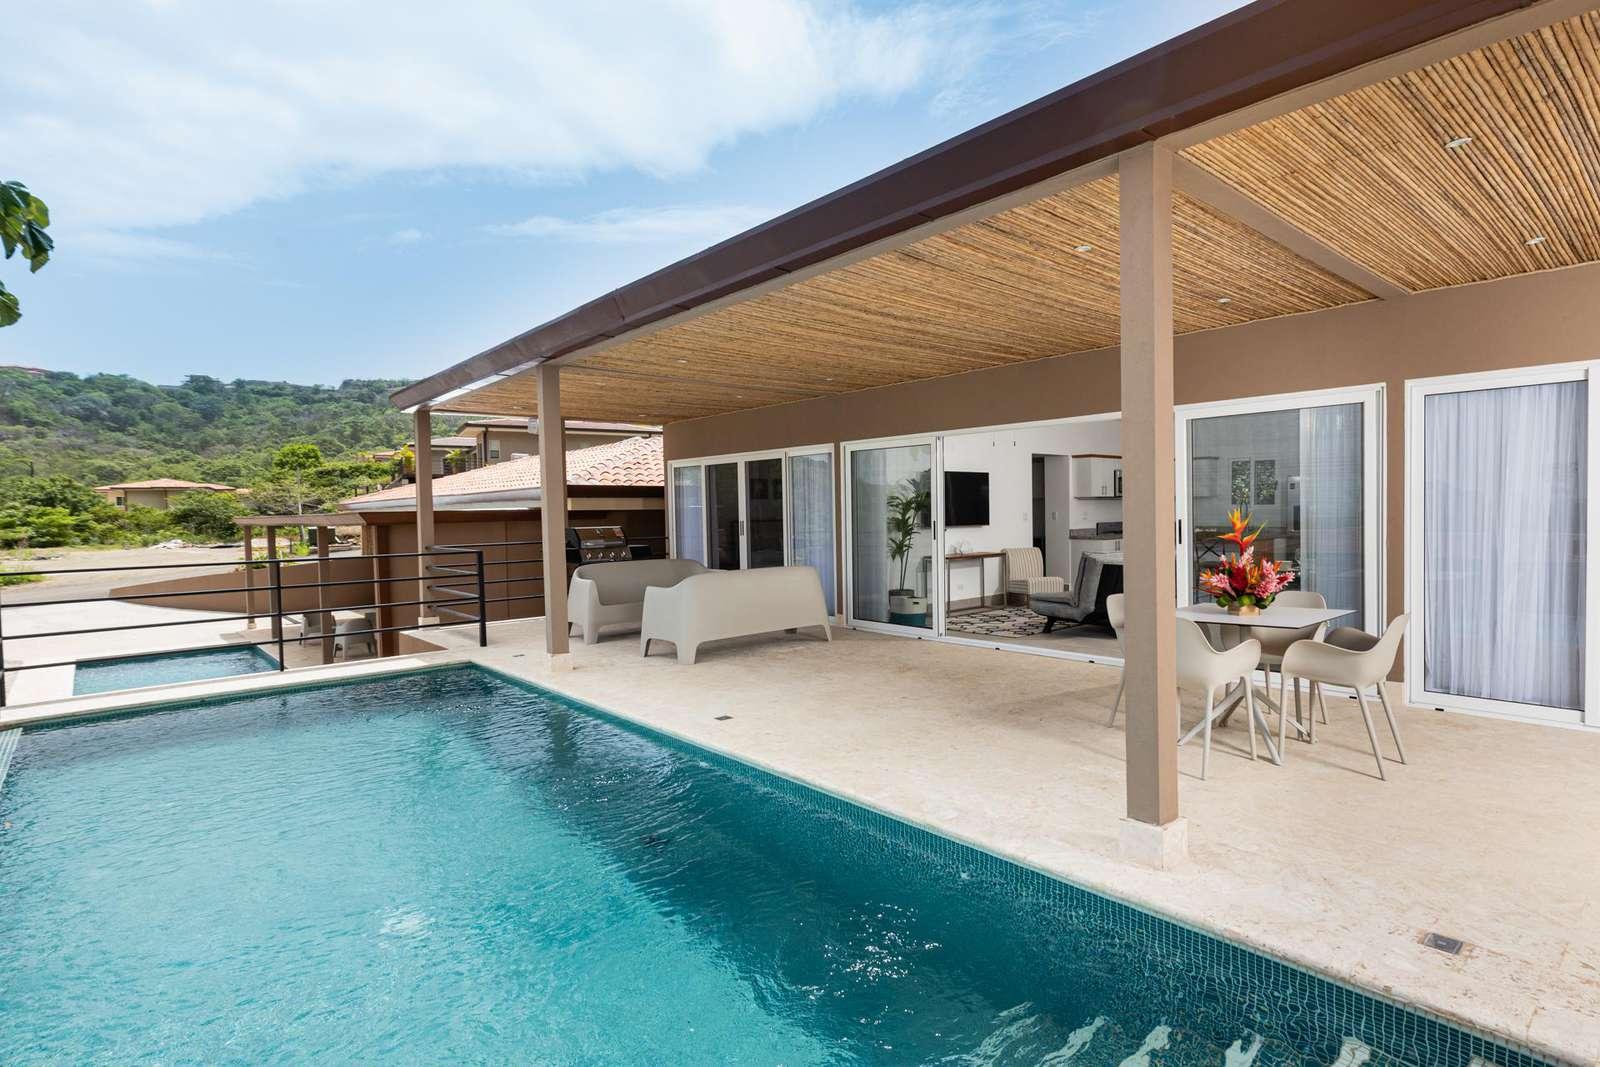 Dos Rios 44 A, a brand new ocean view home